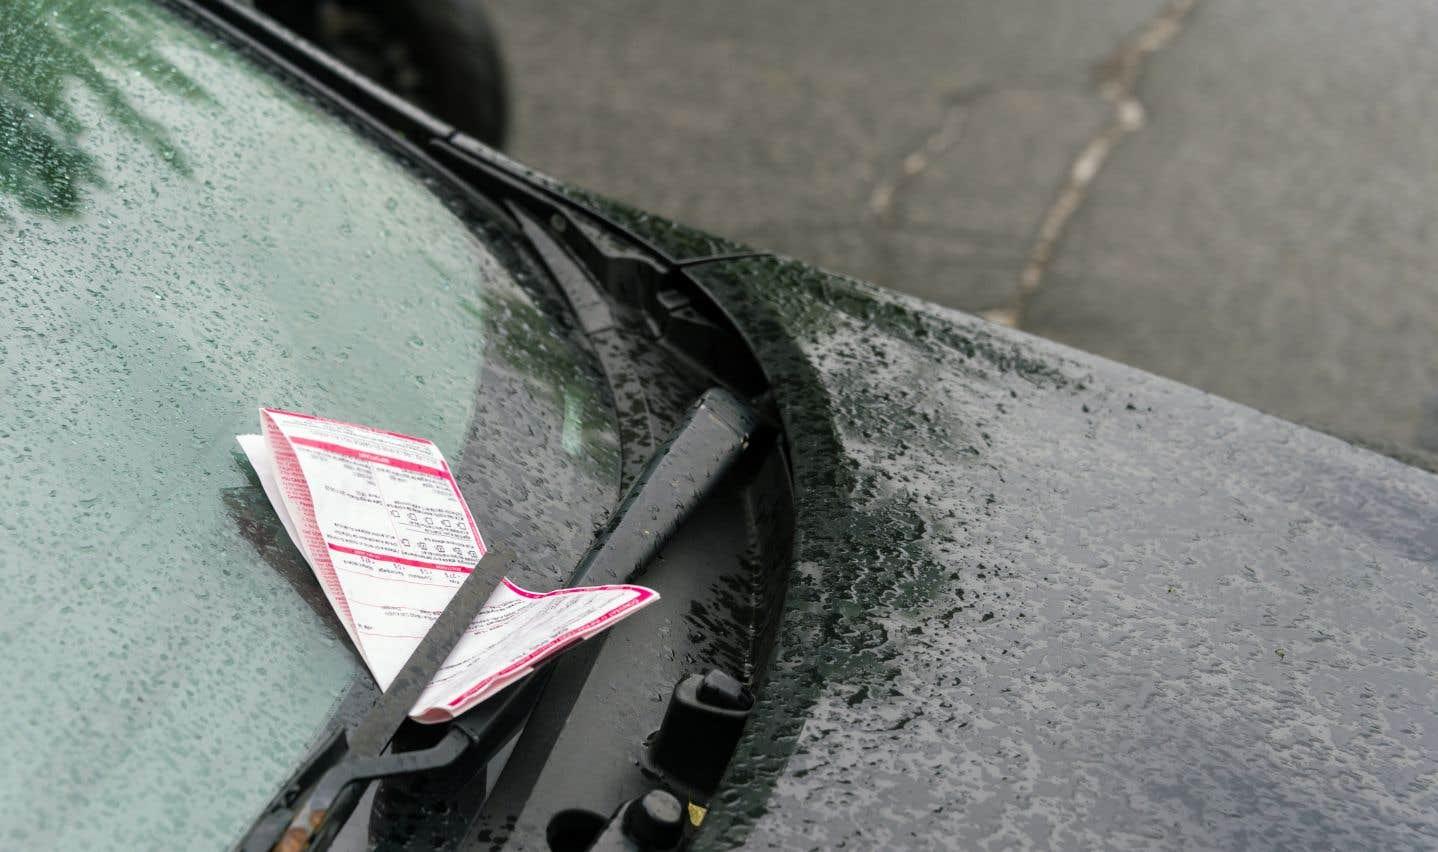 En 2016, la Ville a payé au total 350000$ en primes liées aux amendes infligées aux automobilistes.